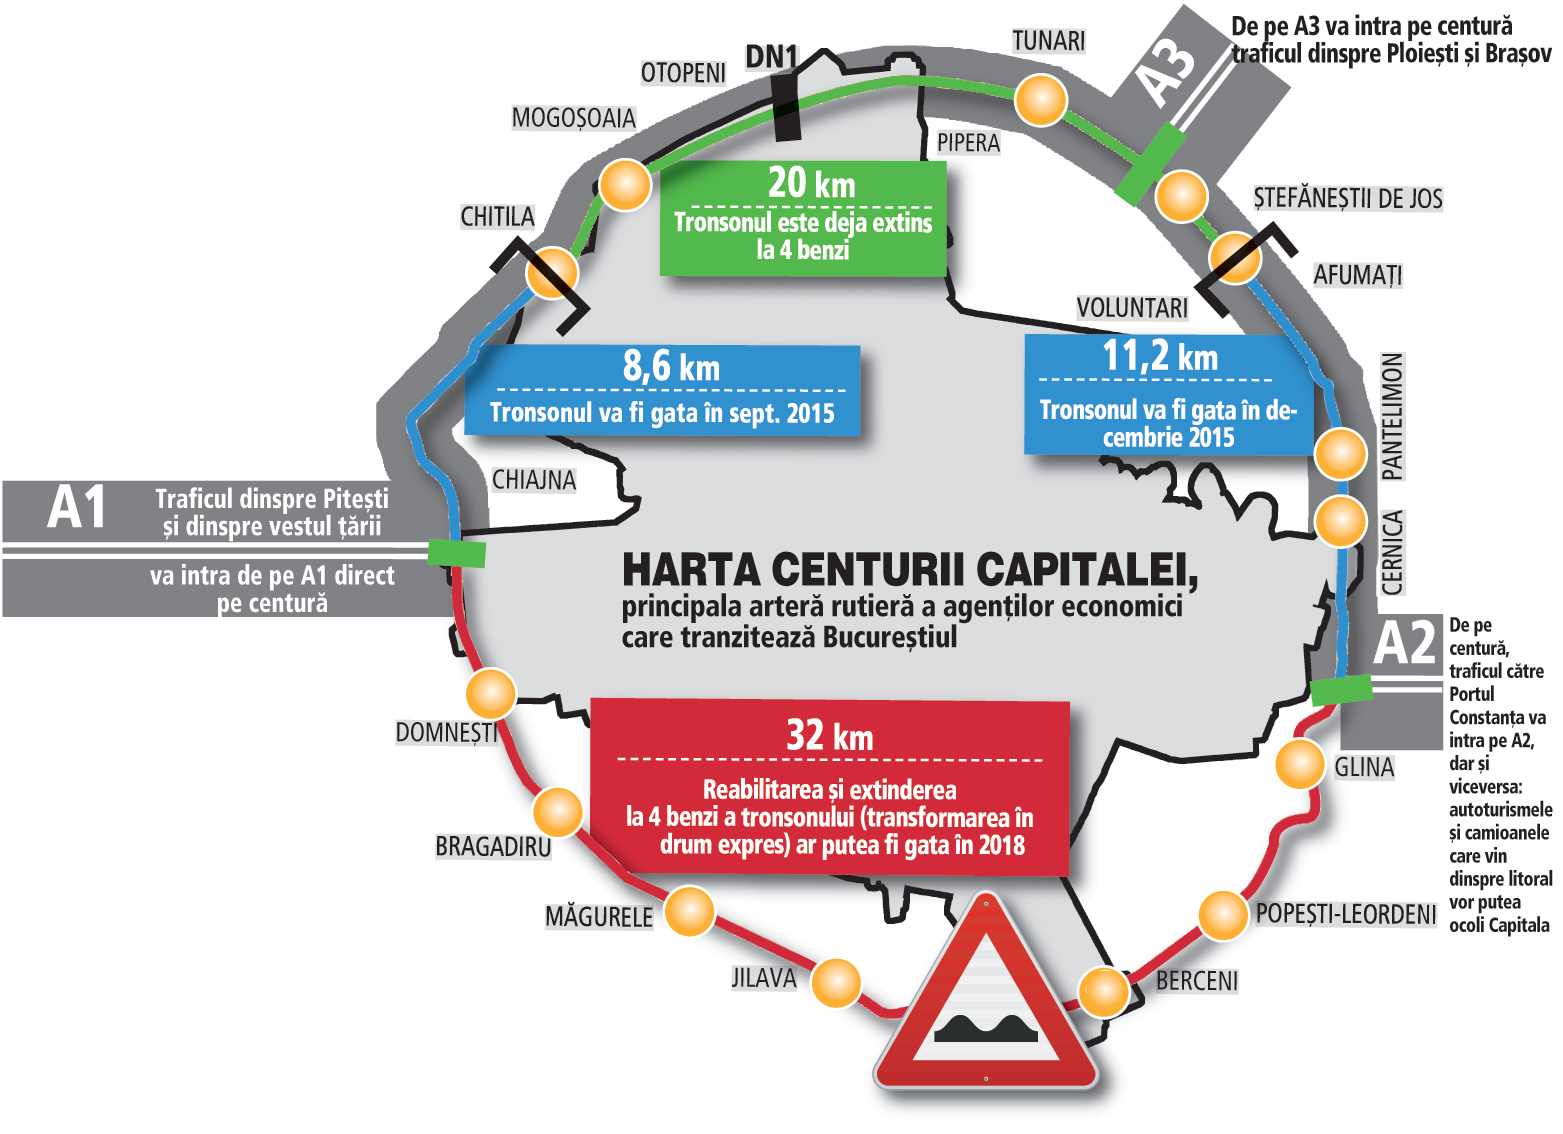 Harta Centurii Capitalei Si Stadiul Lucrărilor De Modernizare Pe